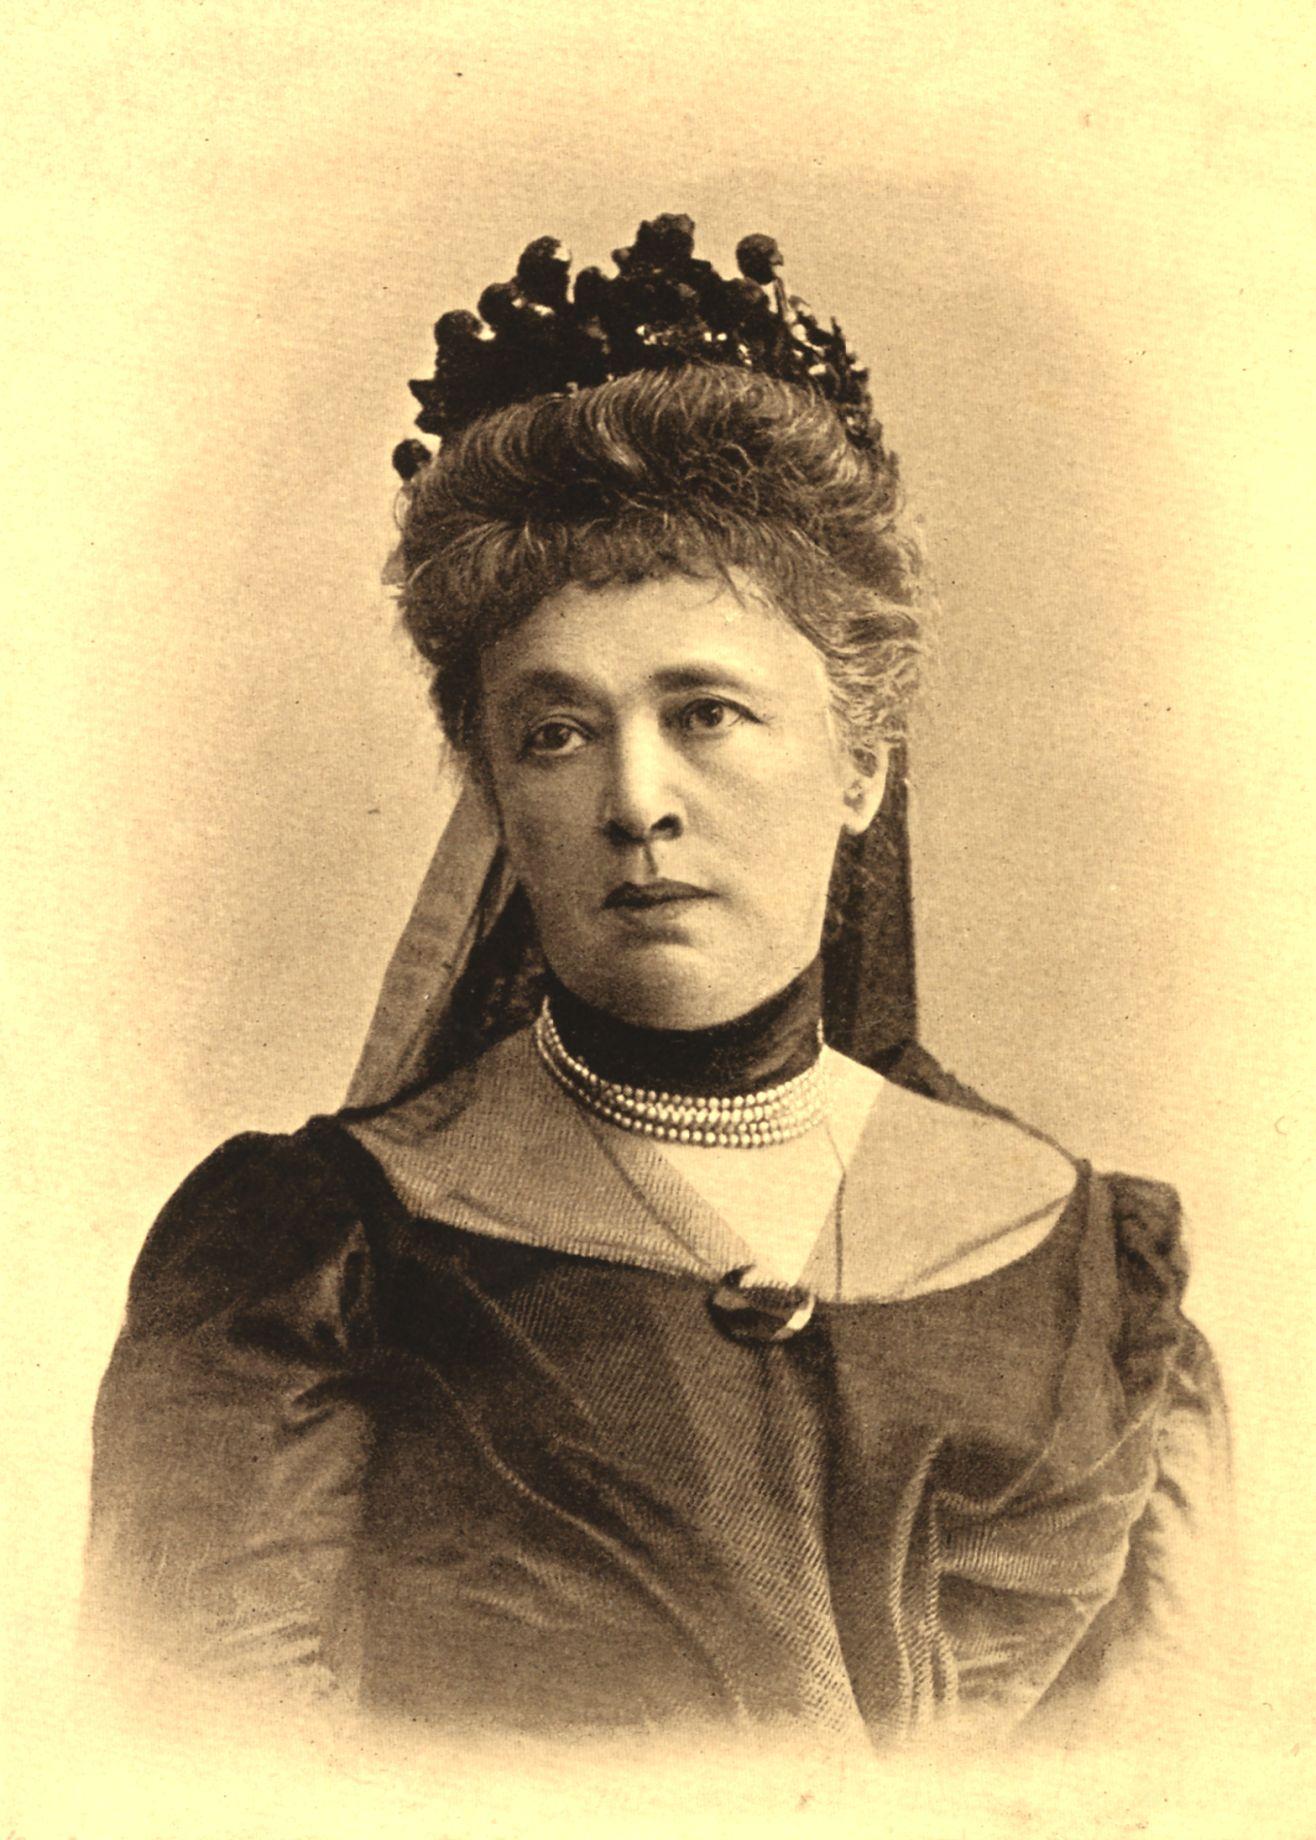 File:Bertha von Suttner portrait.jpg - Wikipedia